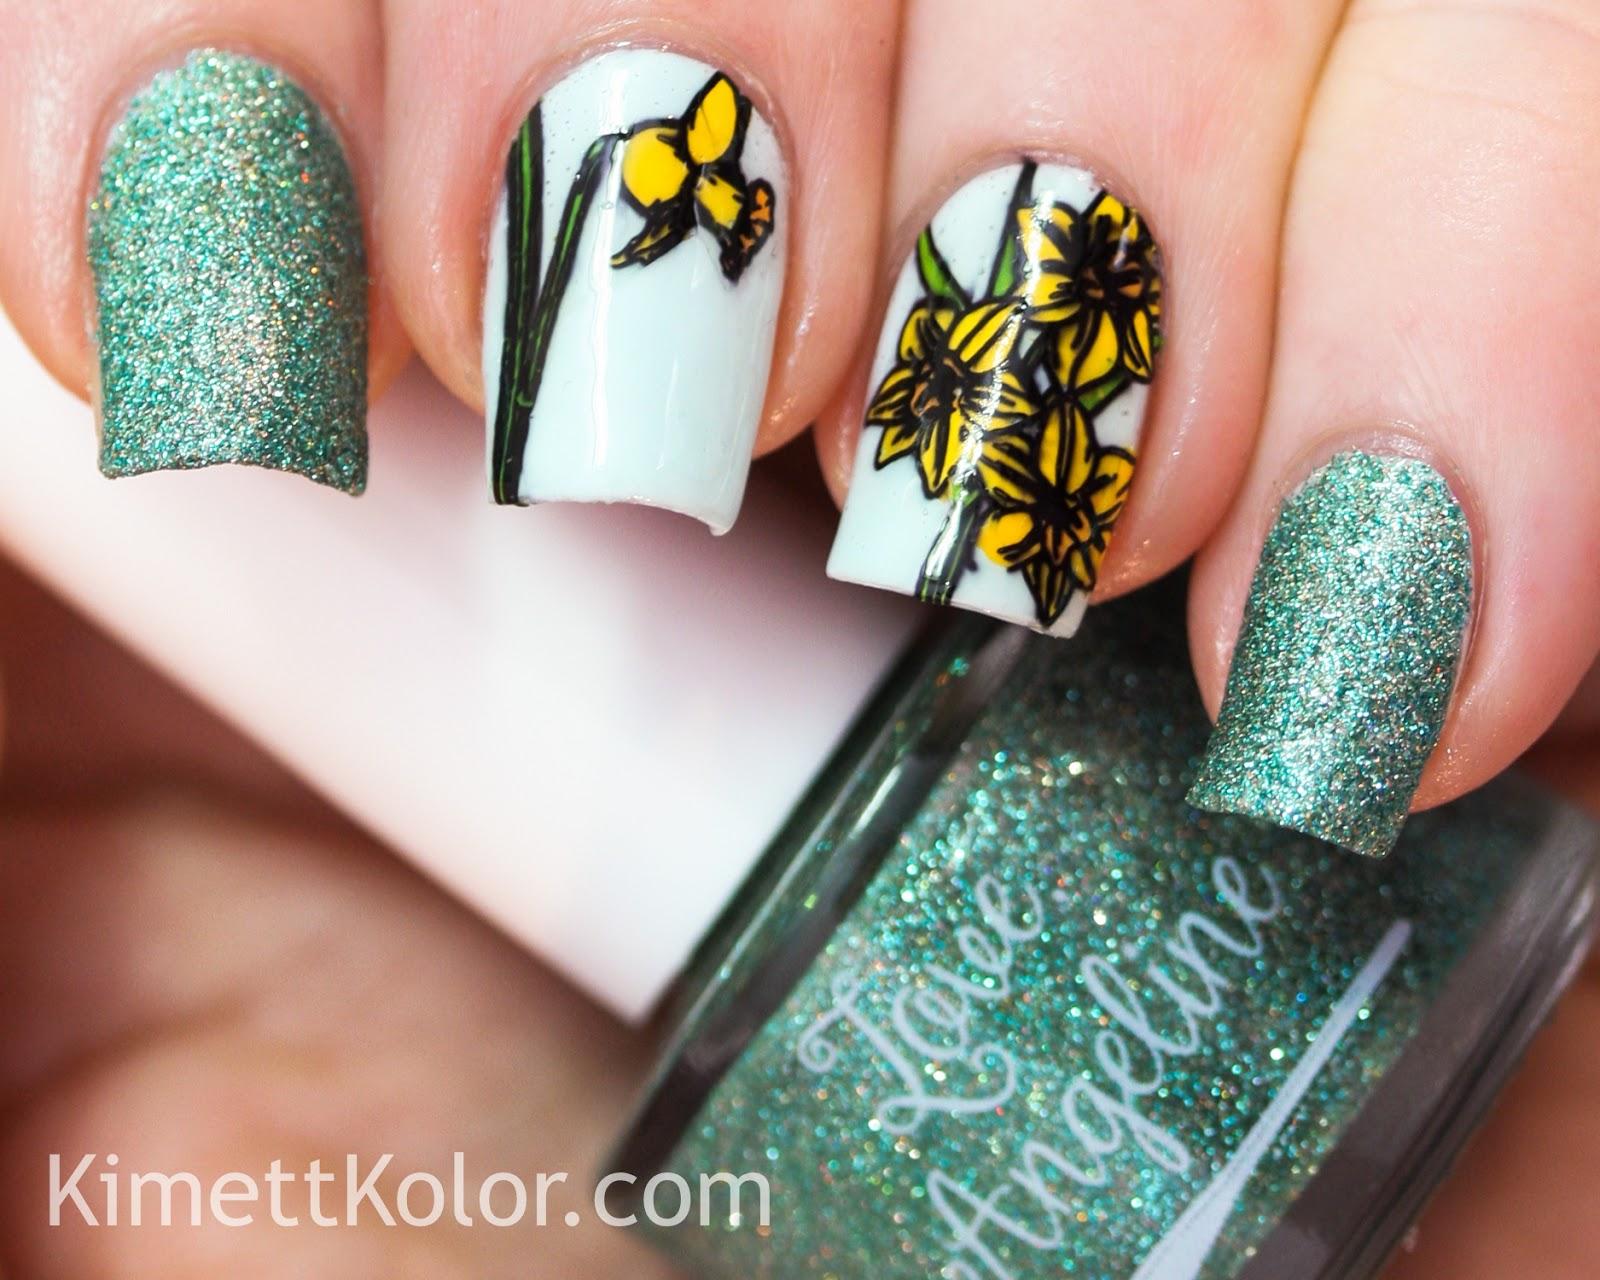 Kimett Kolor Aquamarine Daffodil Nail Art